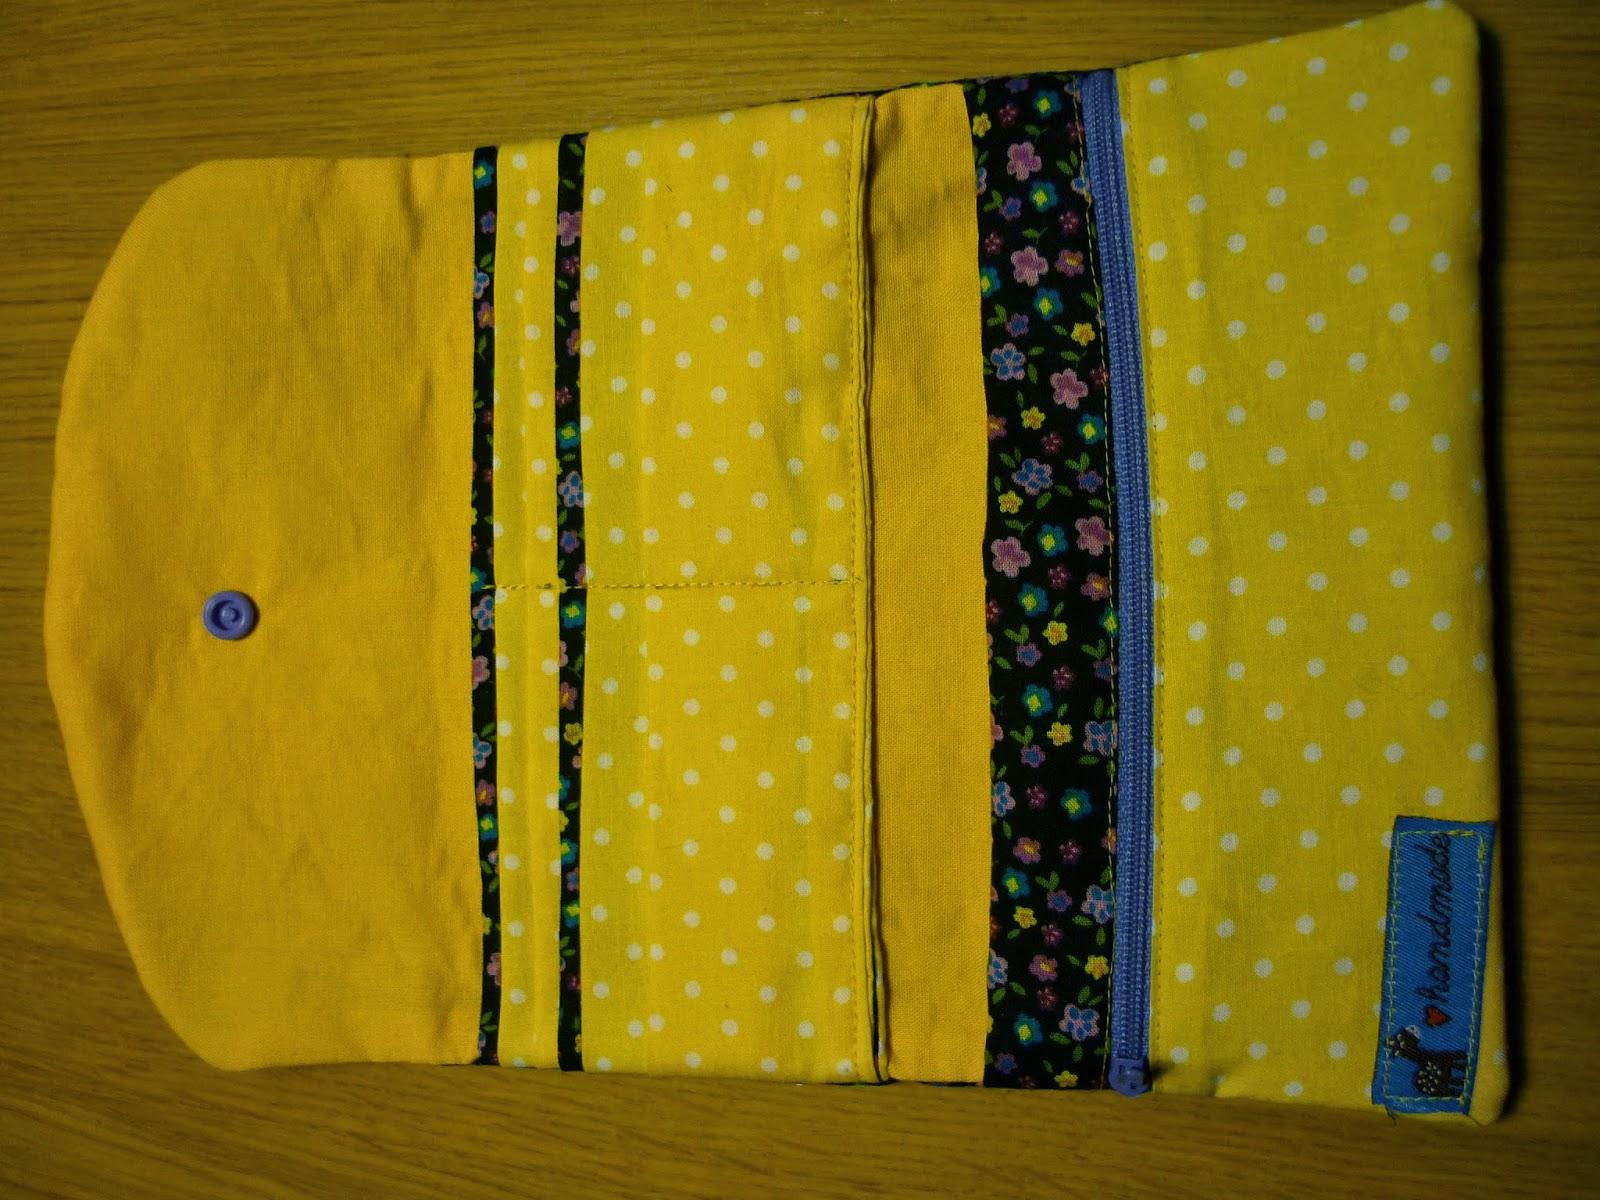 monedero modistilla de pacotilla amigo invisible libreta diy lourdes punts de colors camiseta aplicacion fushu fana